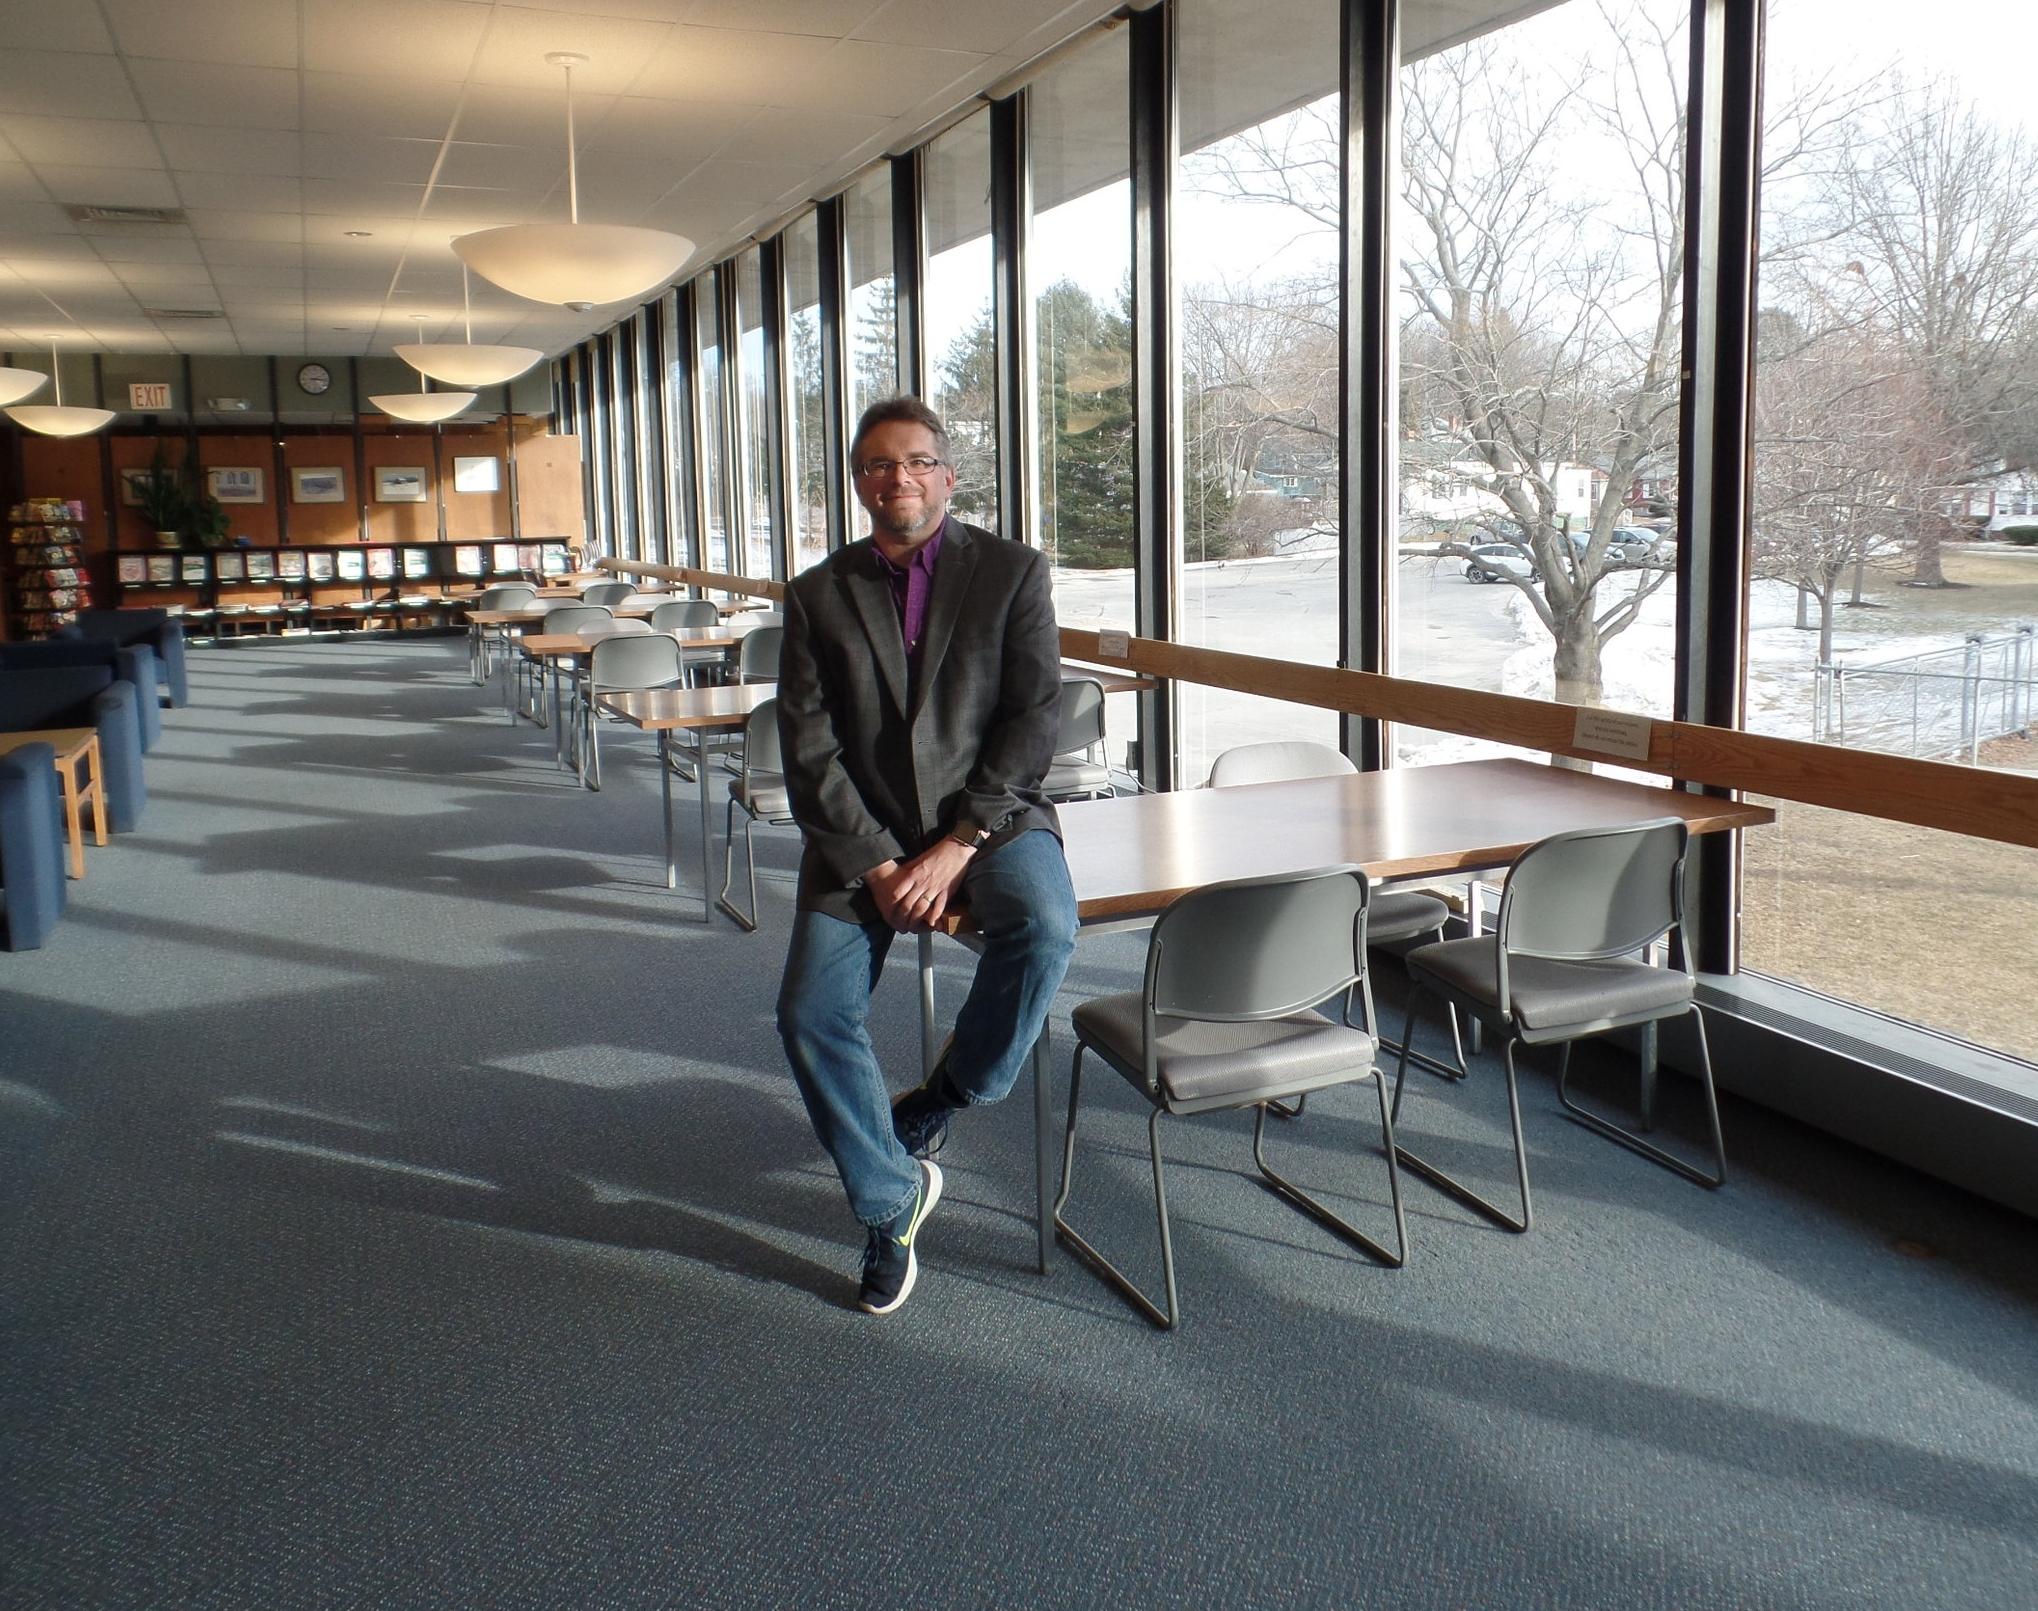 Kevin Davis, Executive Director